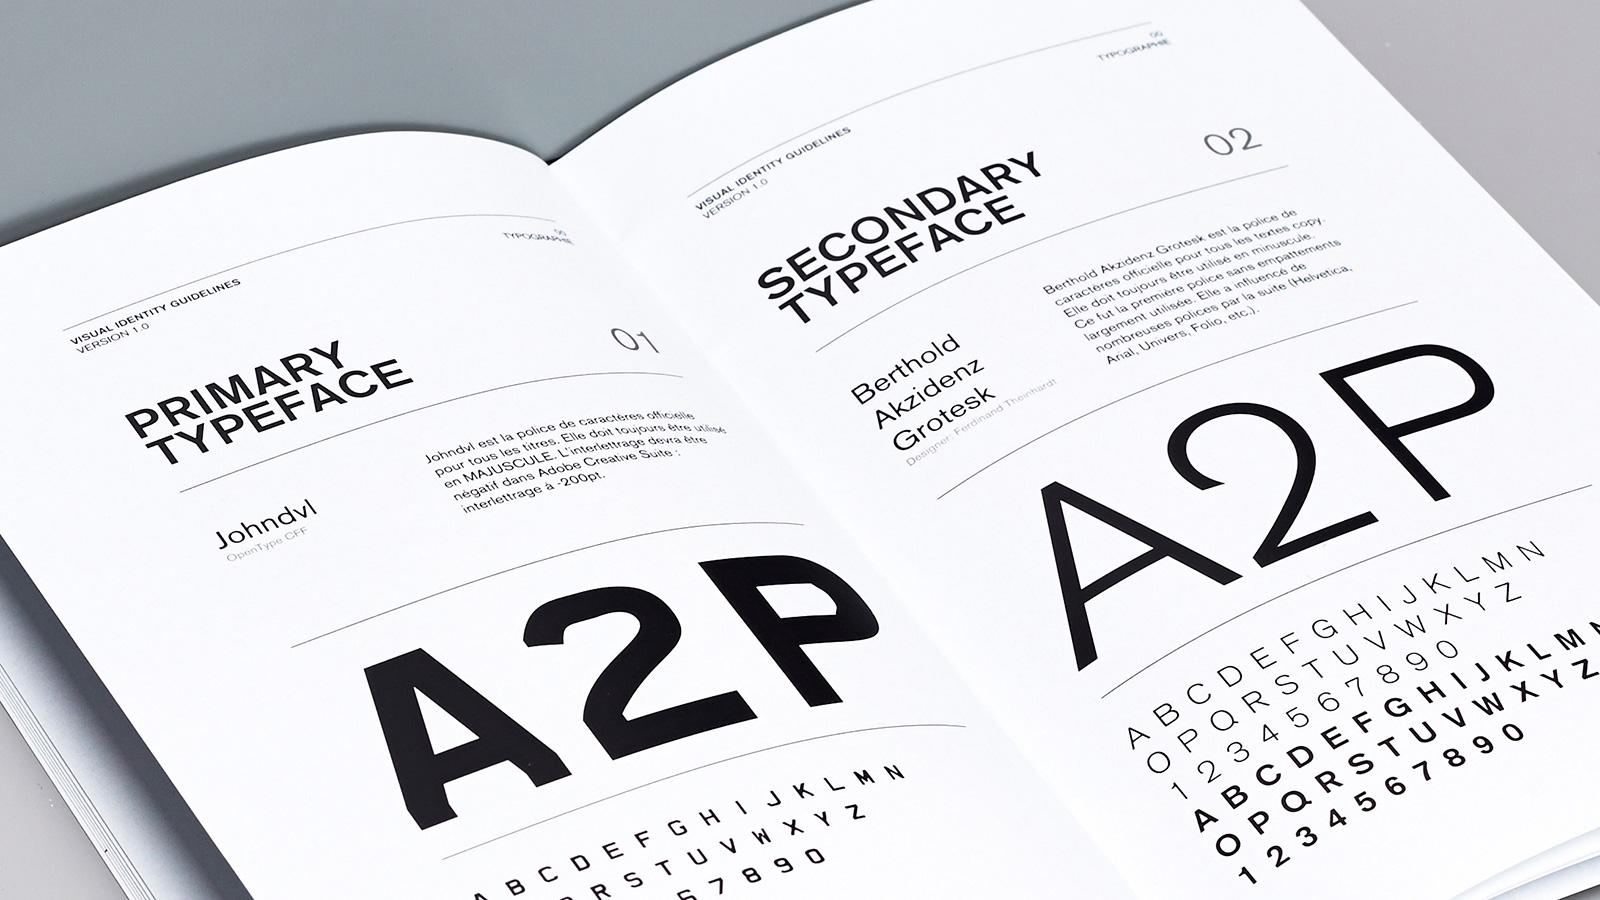 graphiste-montpellier-designer-graphique-communication-montpellier-photogrphe-alexandre-bena_BENADESIGN-2889